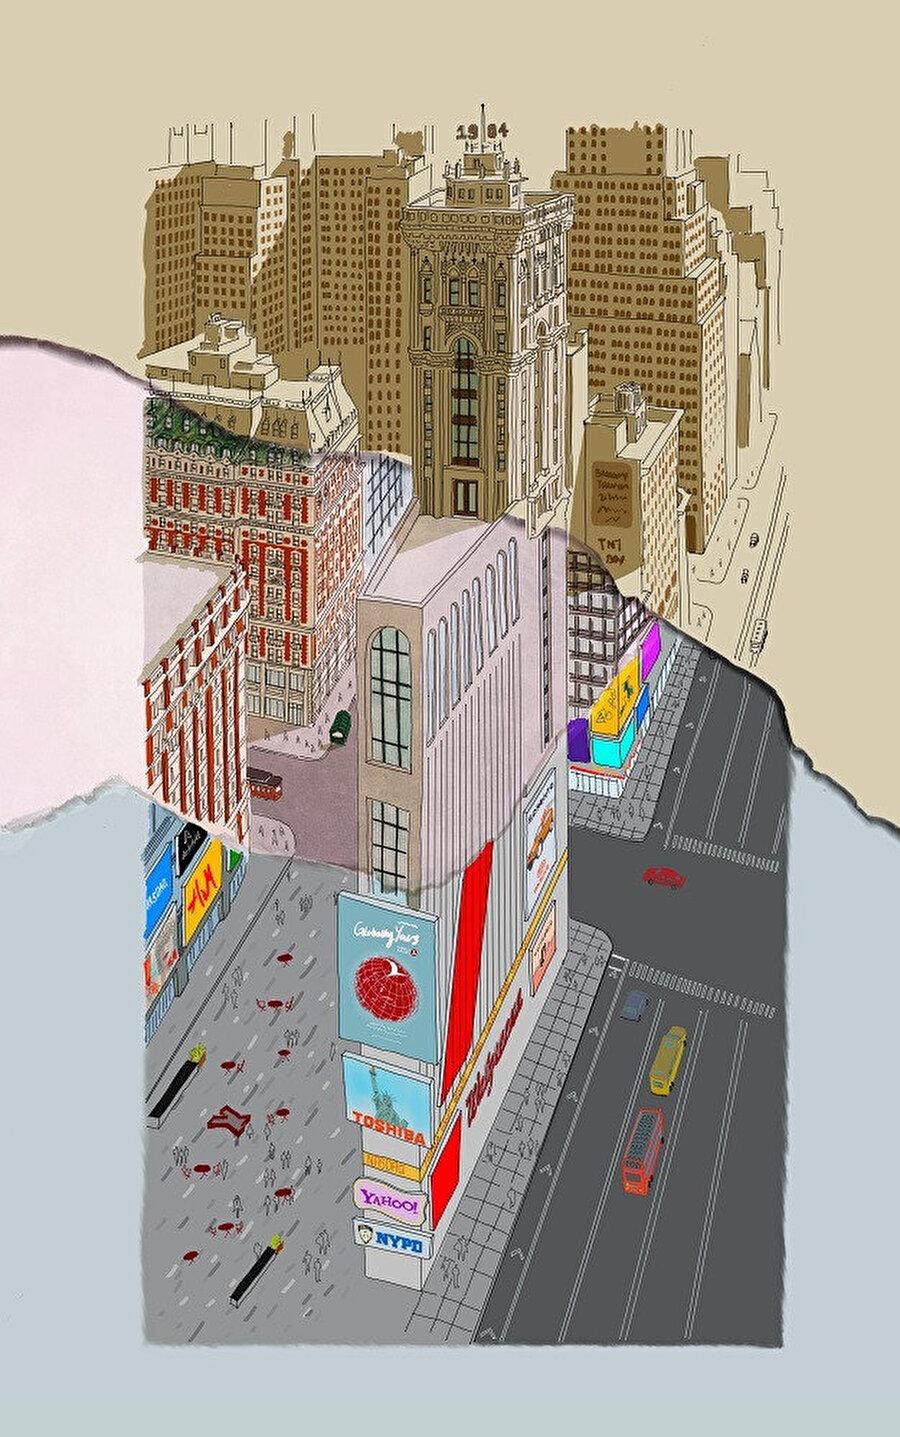 Zaman One Time Square Binası ve çevresi için farklı hızlarda akıyor.